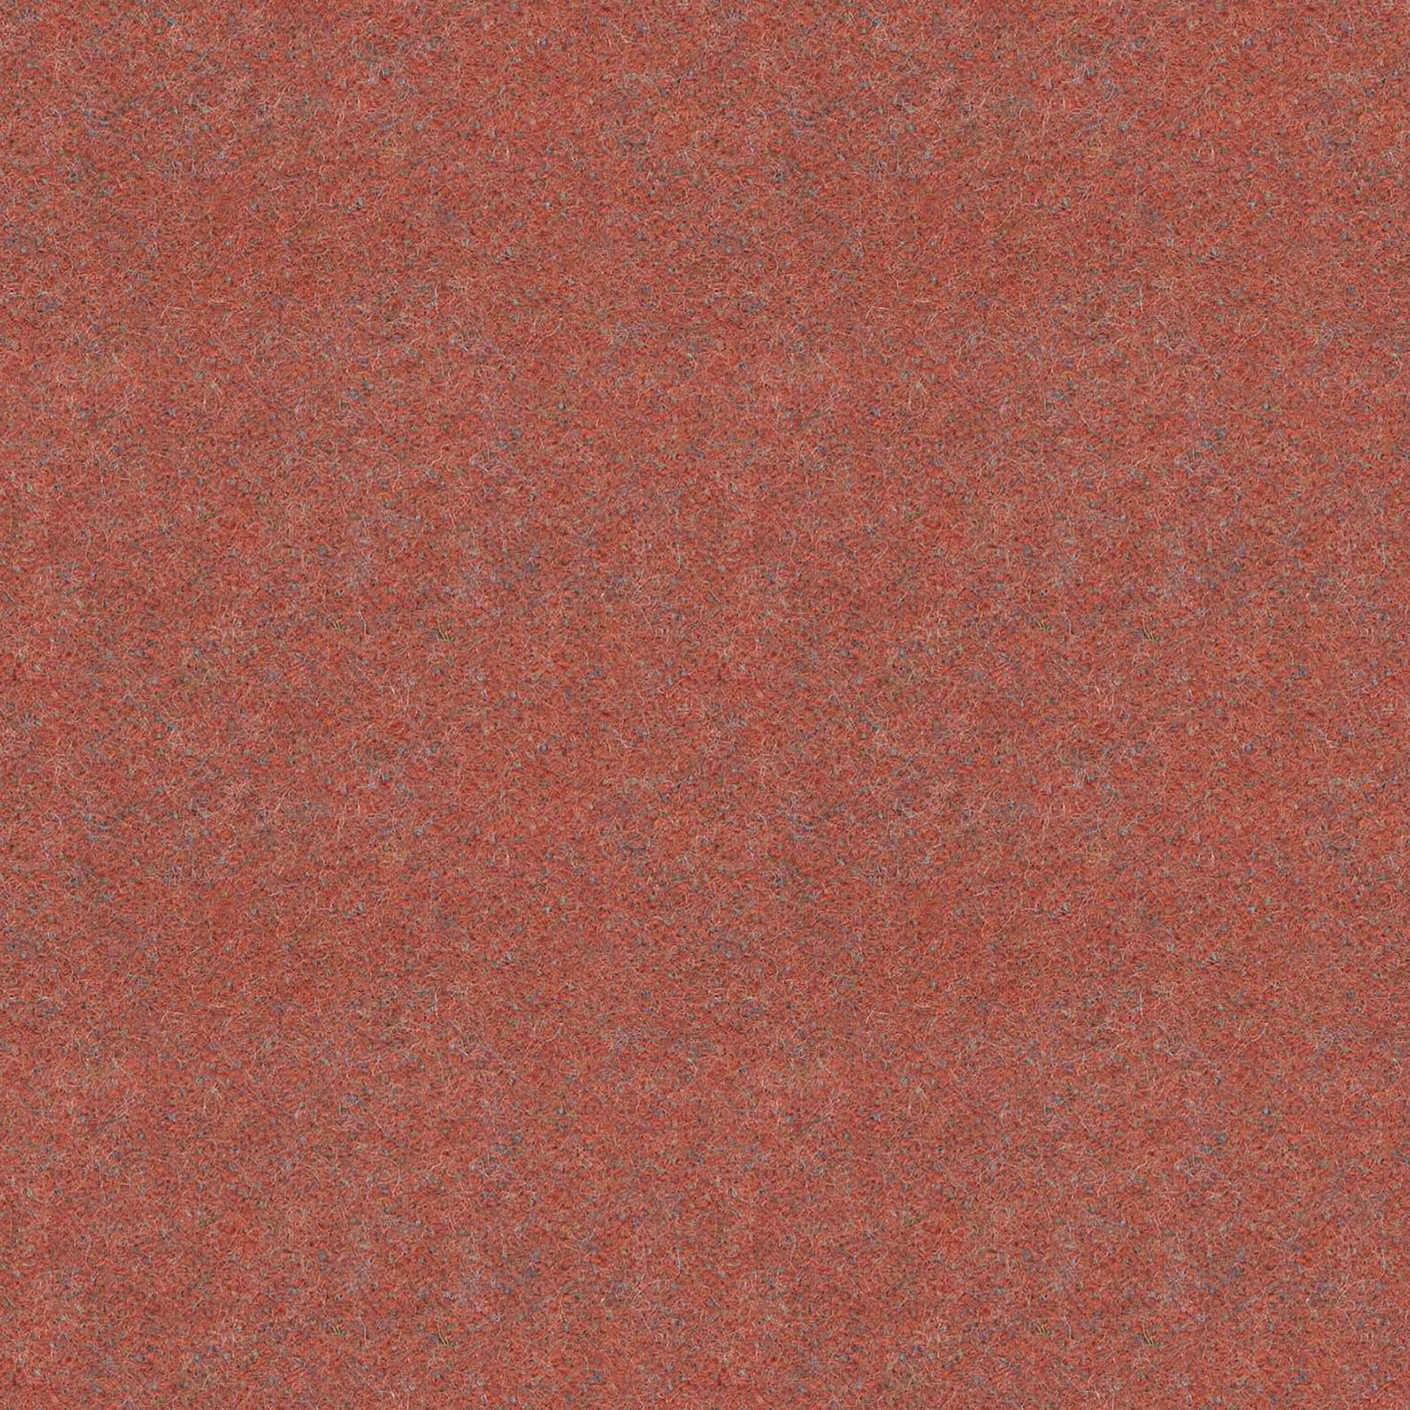 LDP73 akustik camira synergy 170 kumaş renkleri fiyatları